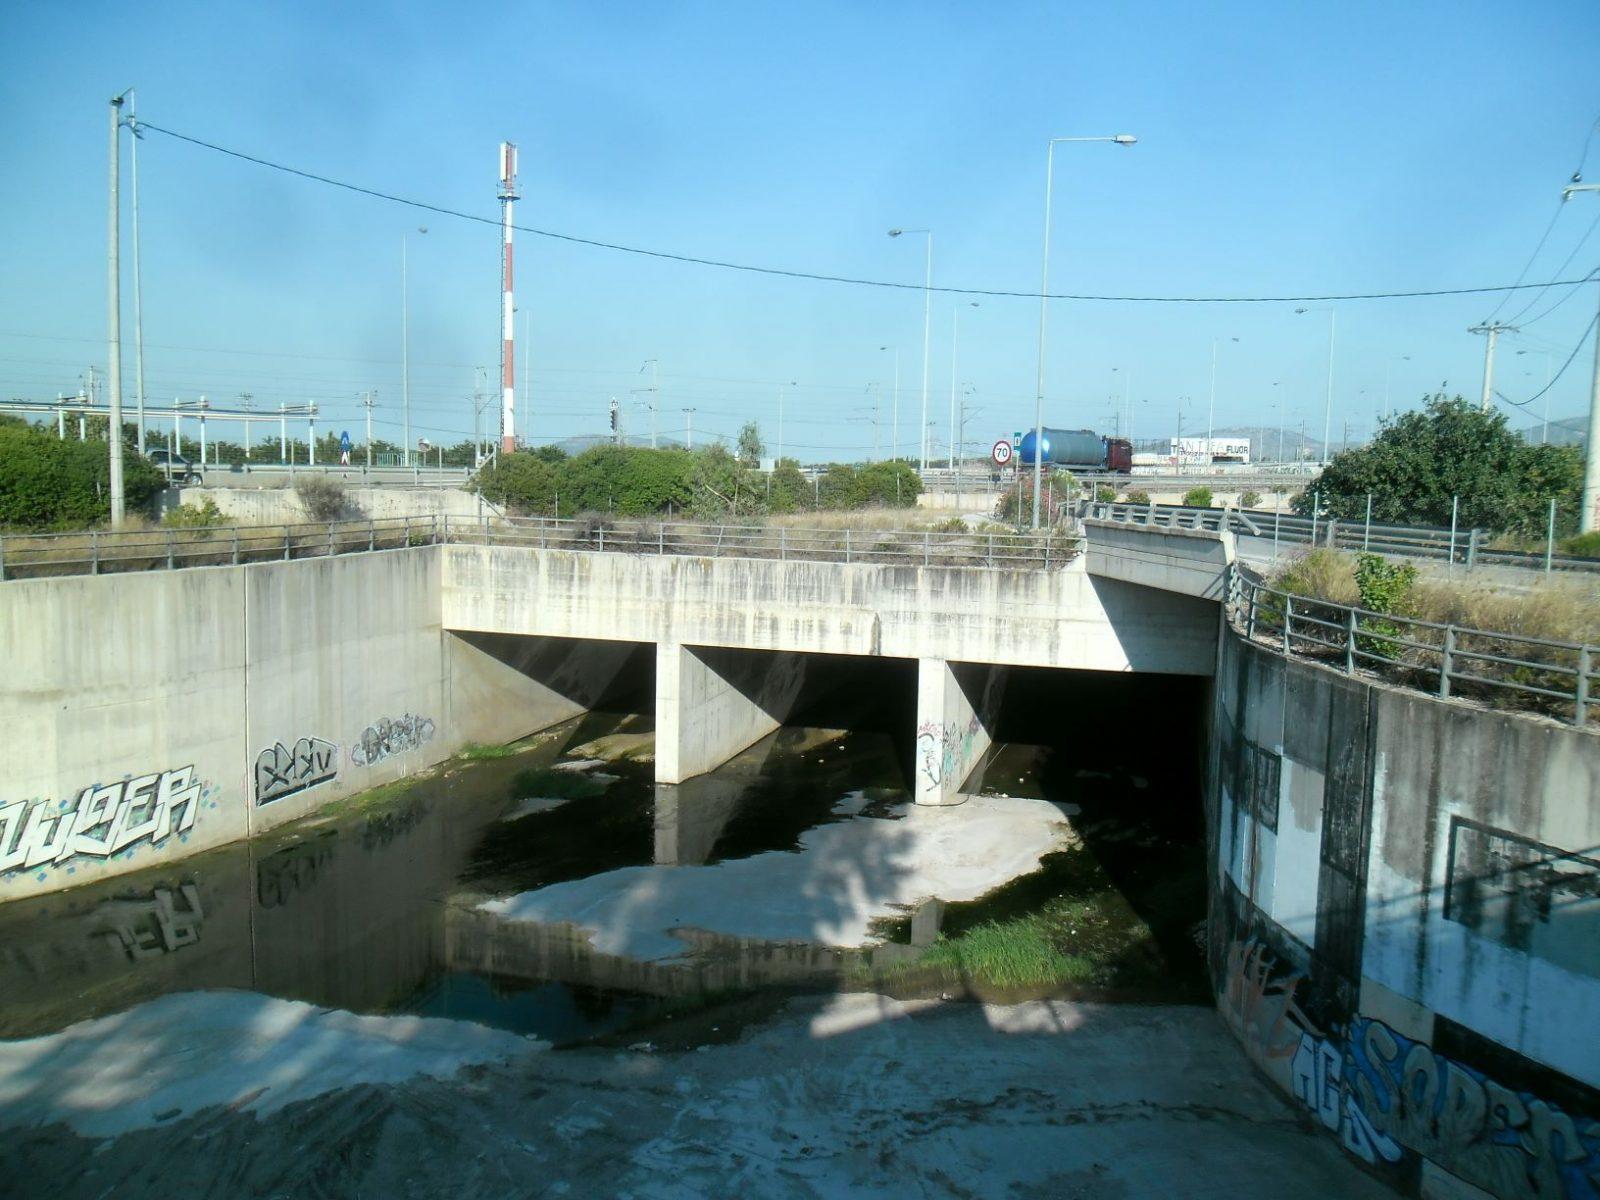 Ολοκληρώθηκαν οι πρώτες εργασίες στο βόρειο τμήμα του αντιπλημμυρικού έργου πόλεως Κορωπίου στον σταθμό Μετρό-Προαστιακού στη Λεωφόρο Μαρκοπούλου για τη σύνδεση με τη μεγάλη τάφρο αποχέτευσης Αττικής Οδού.